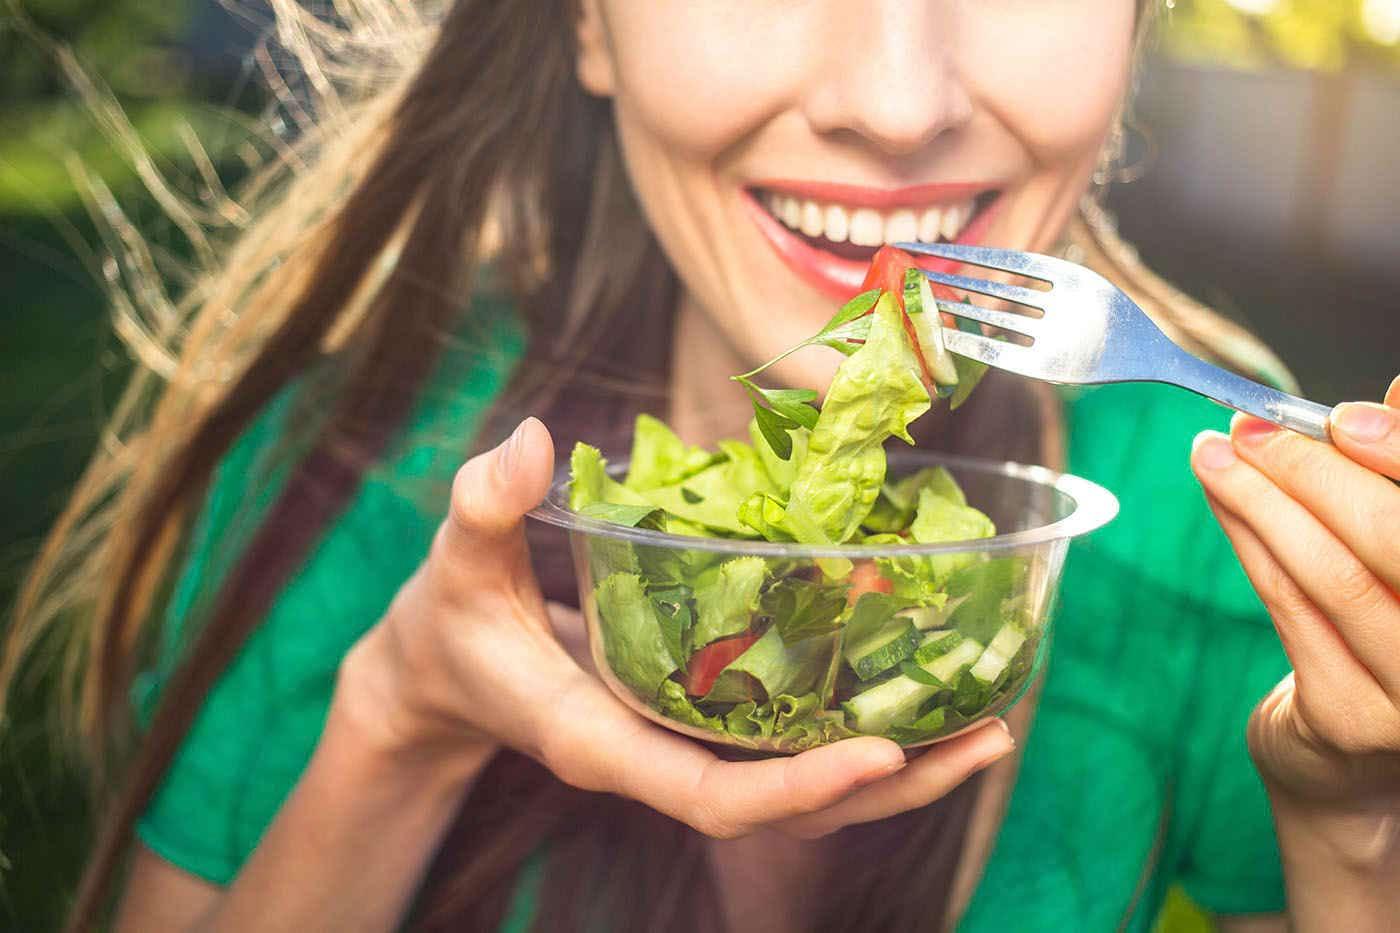 Sănătatea mentală a femeilor, influențată și de alimentație